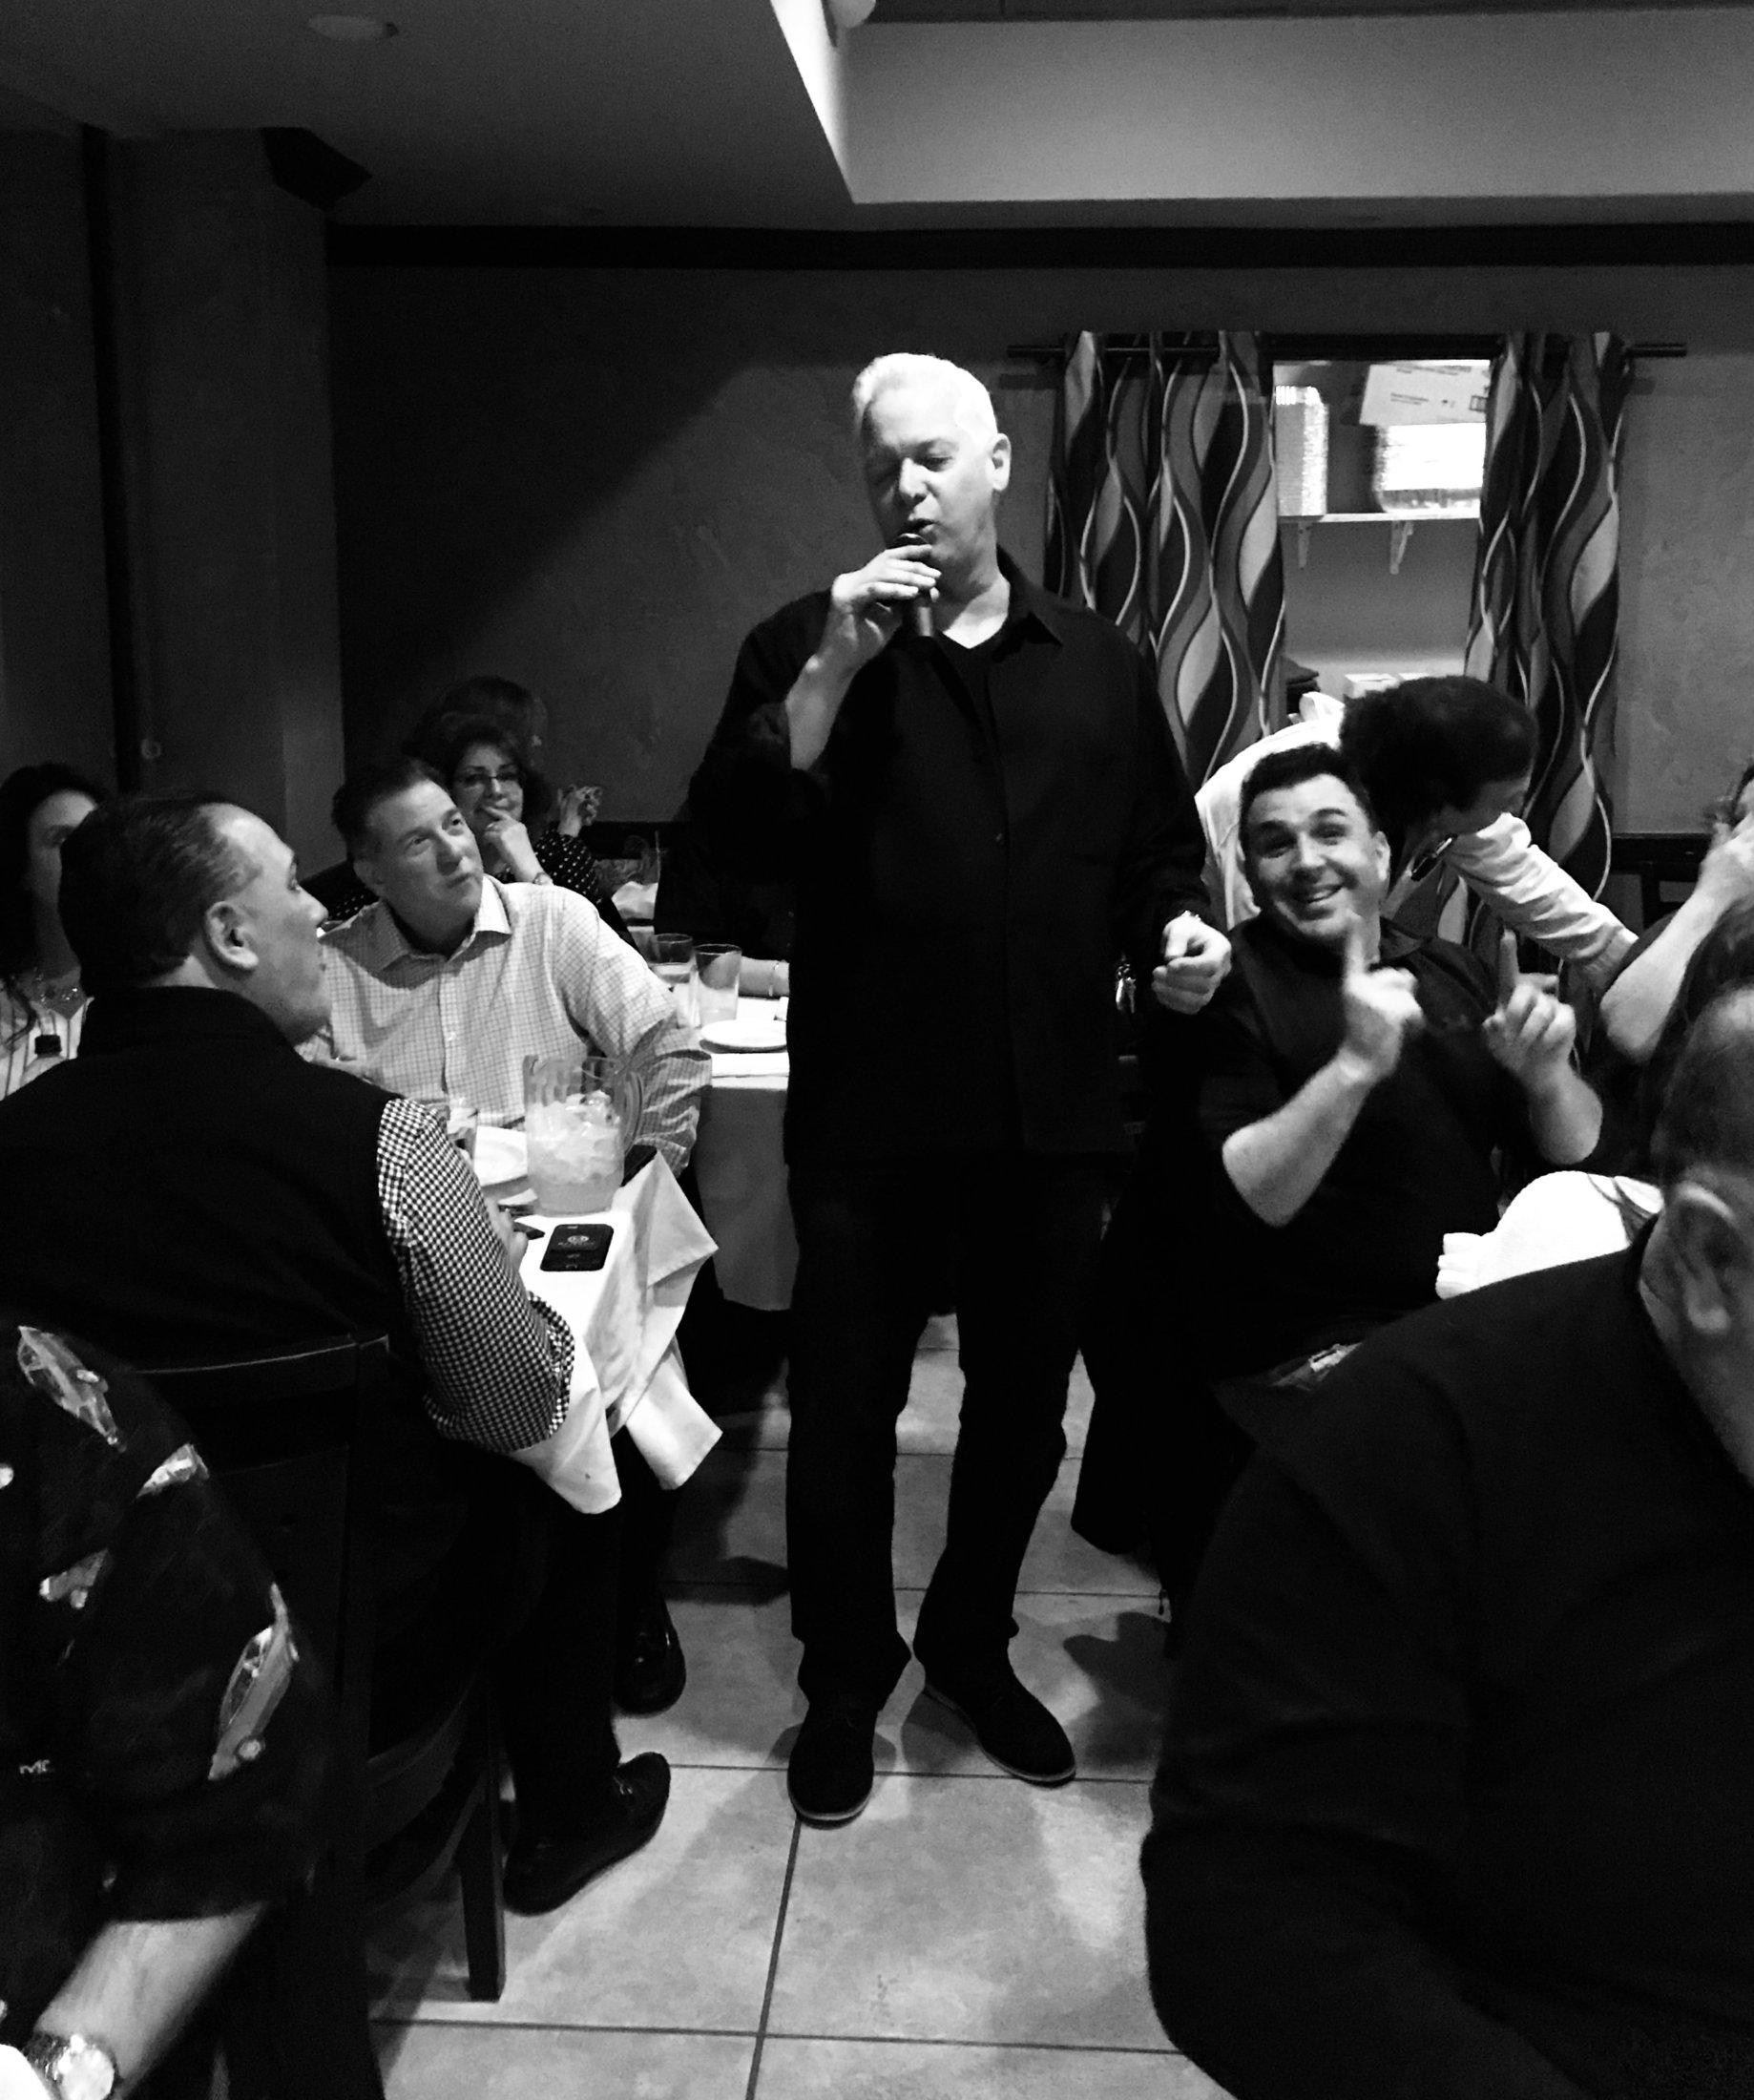 Tony Corrao at Supper Club